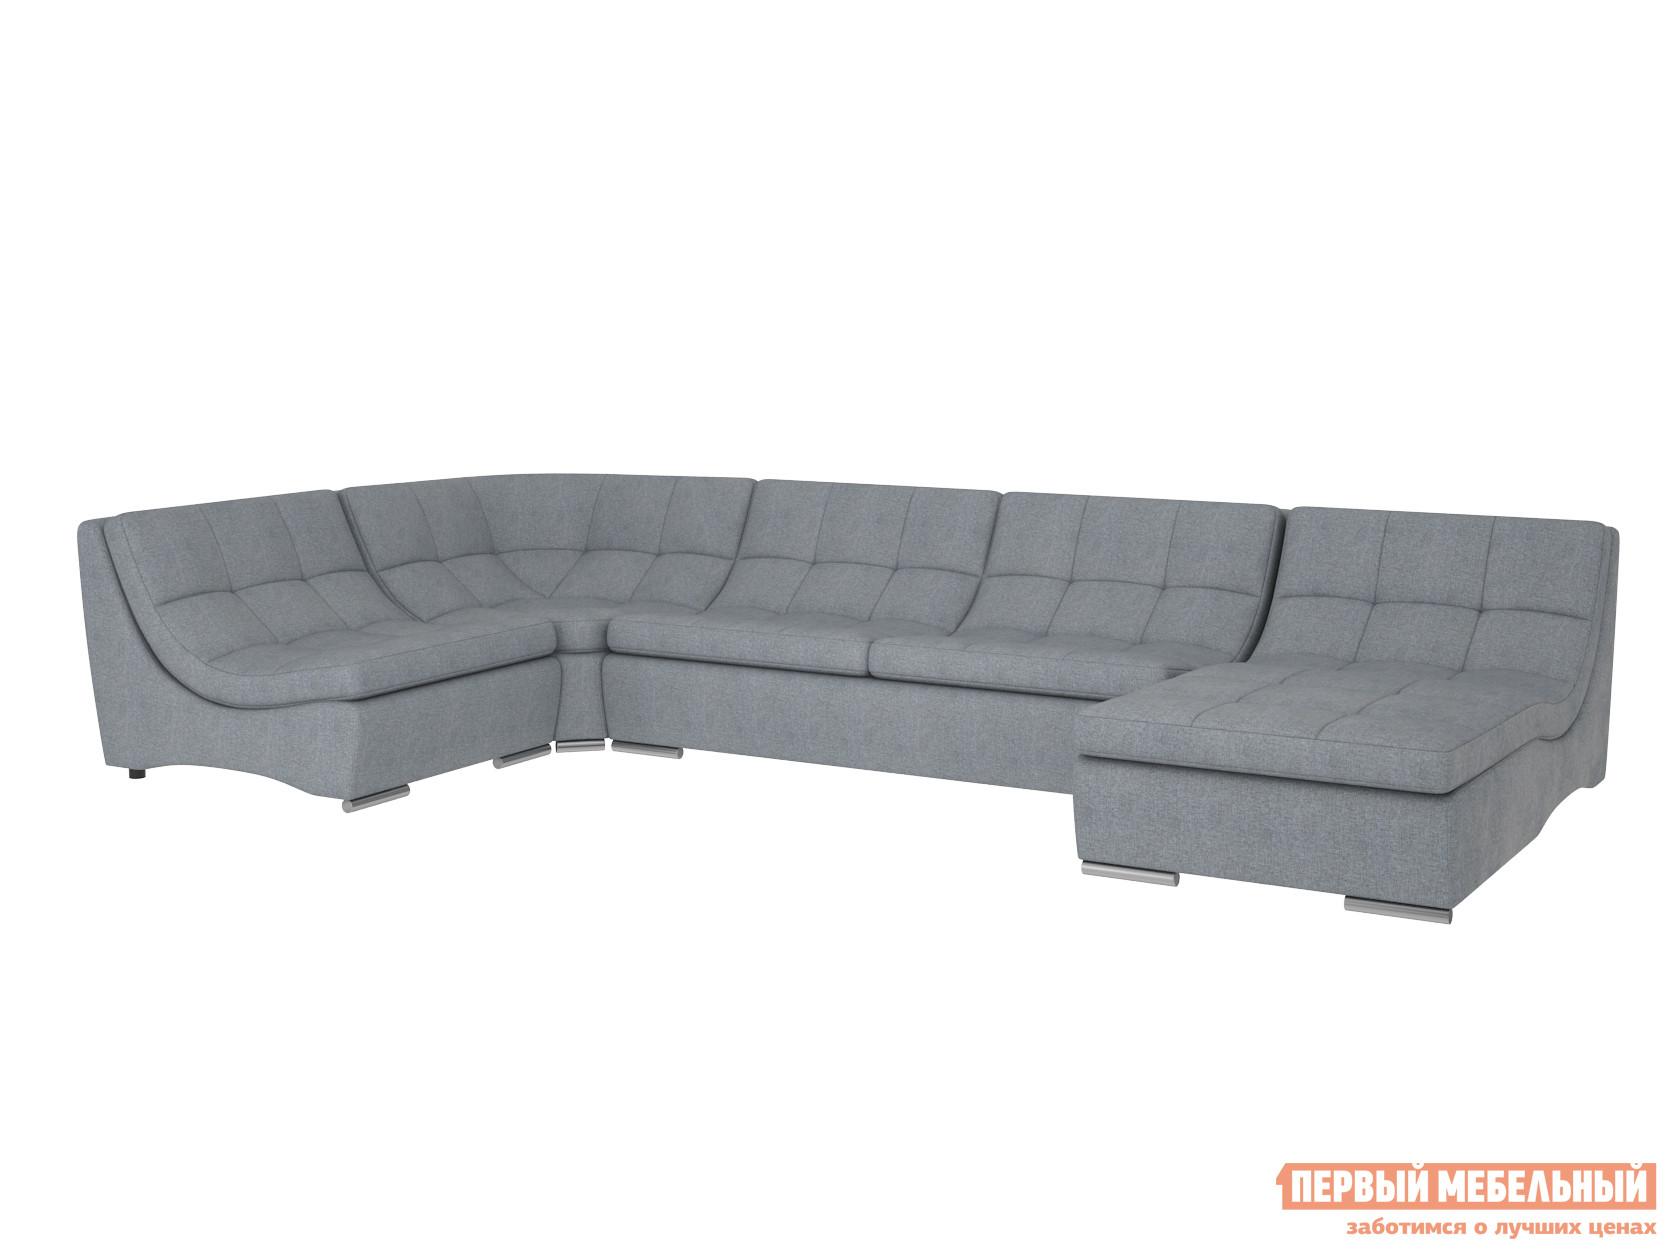 Угловой диван Первый Мебельный Модульная система Сан-Диего, вариант 3